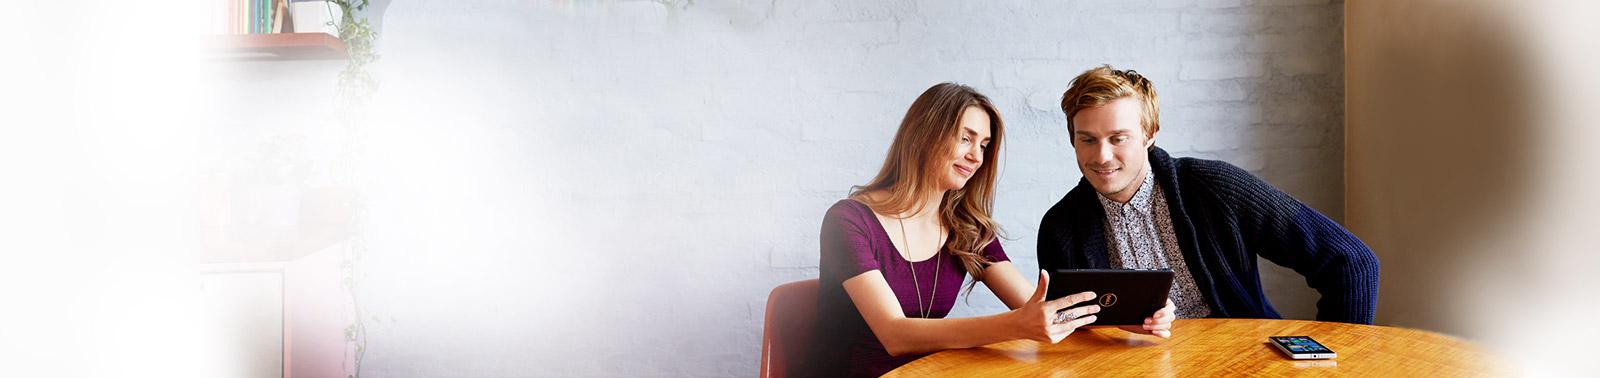 Een vrouw aan een tafel die een tablet vasthoudt en aan een man naast haar laat zien.